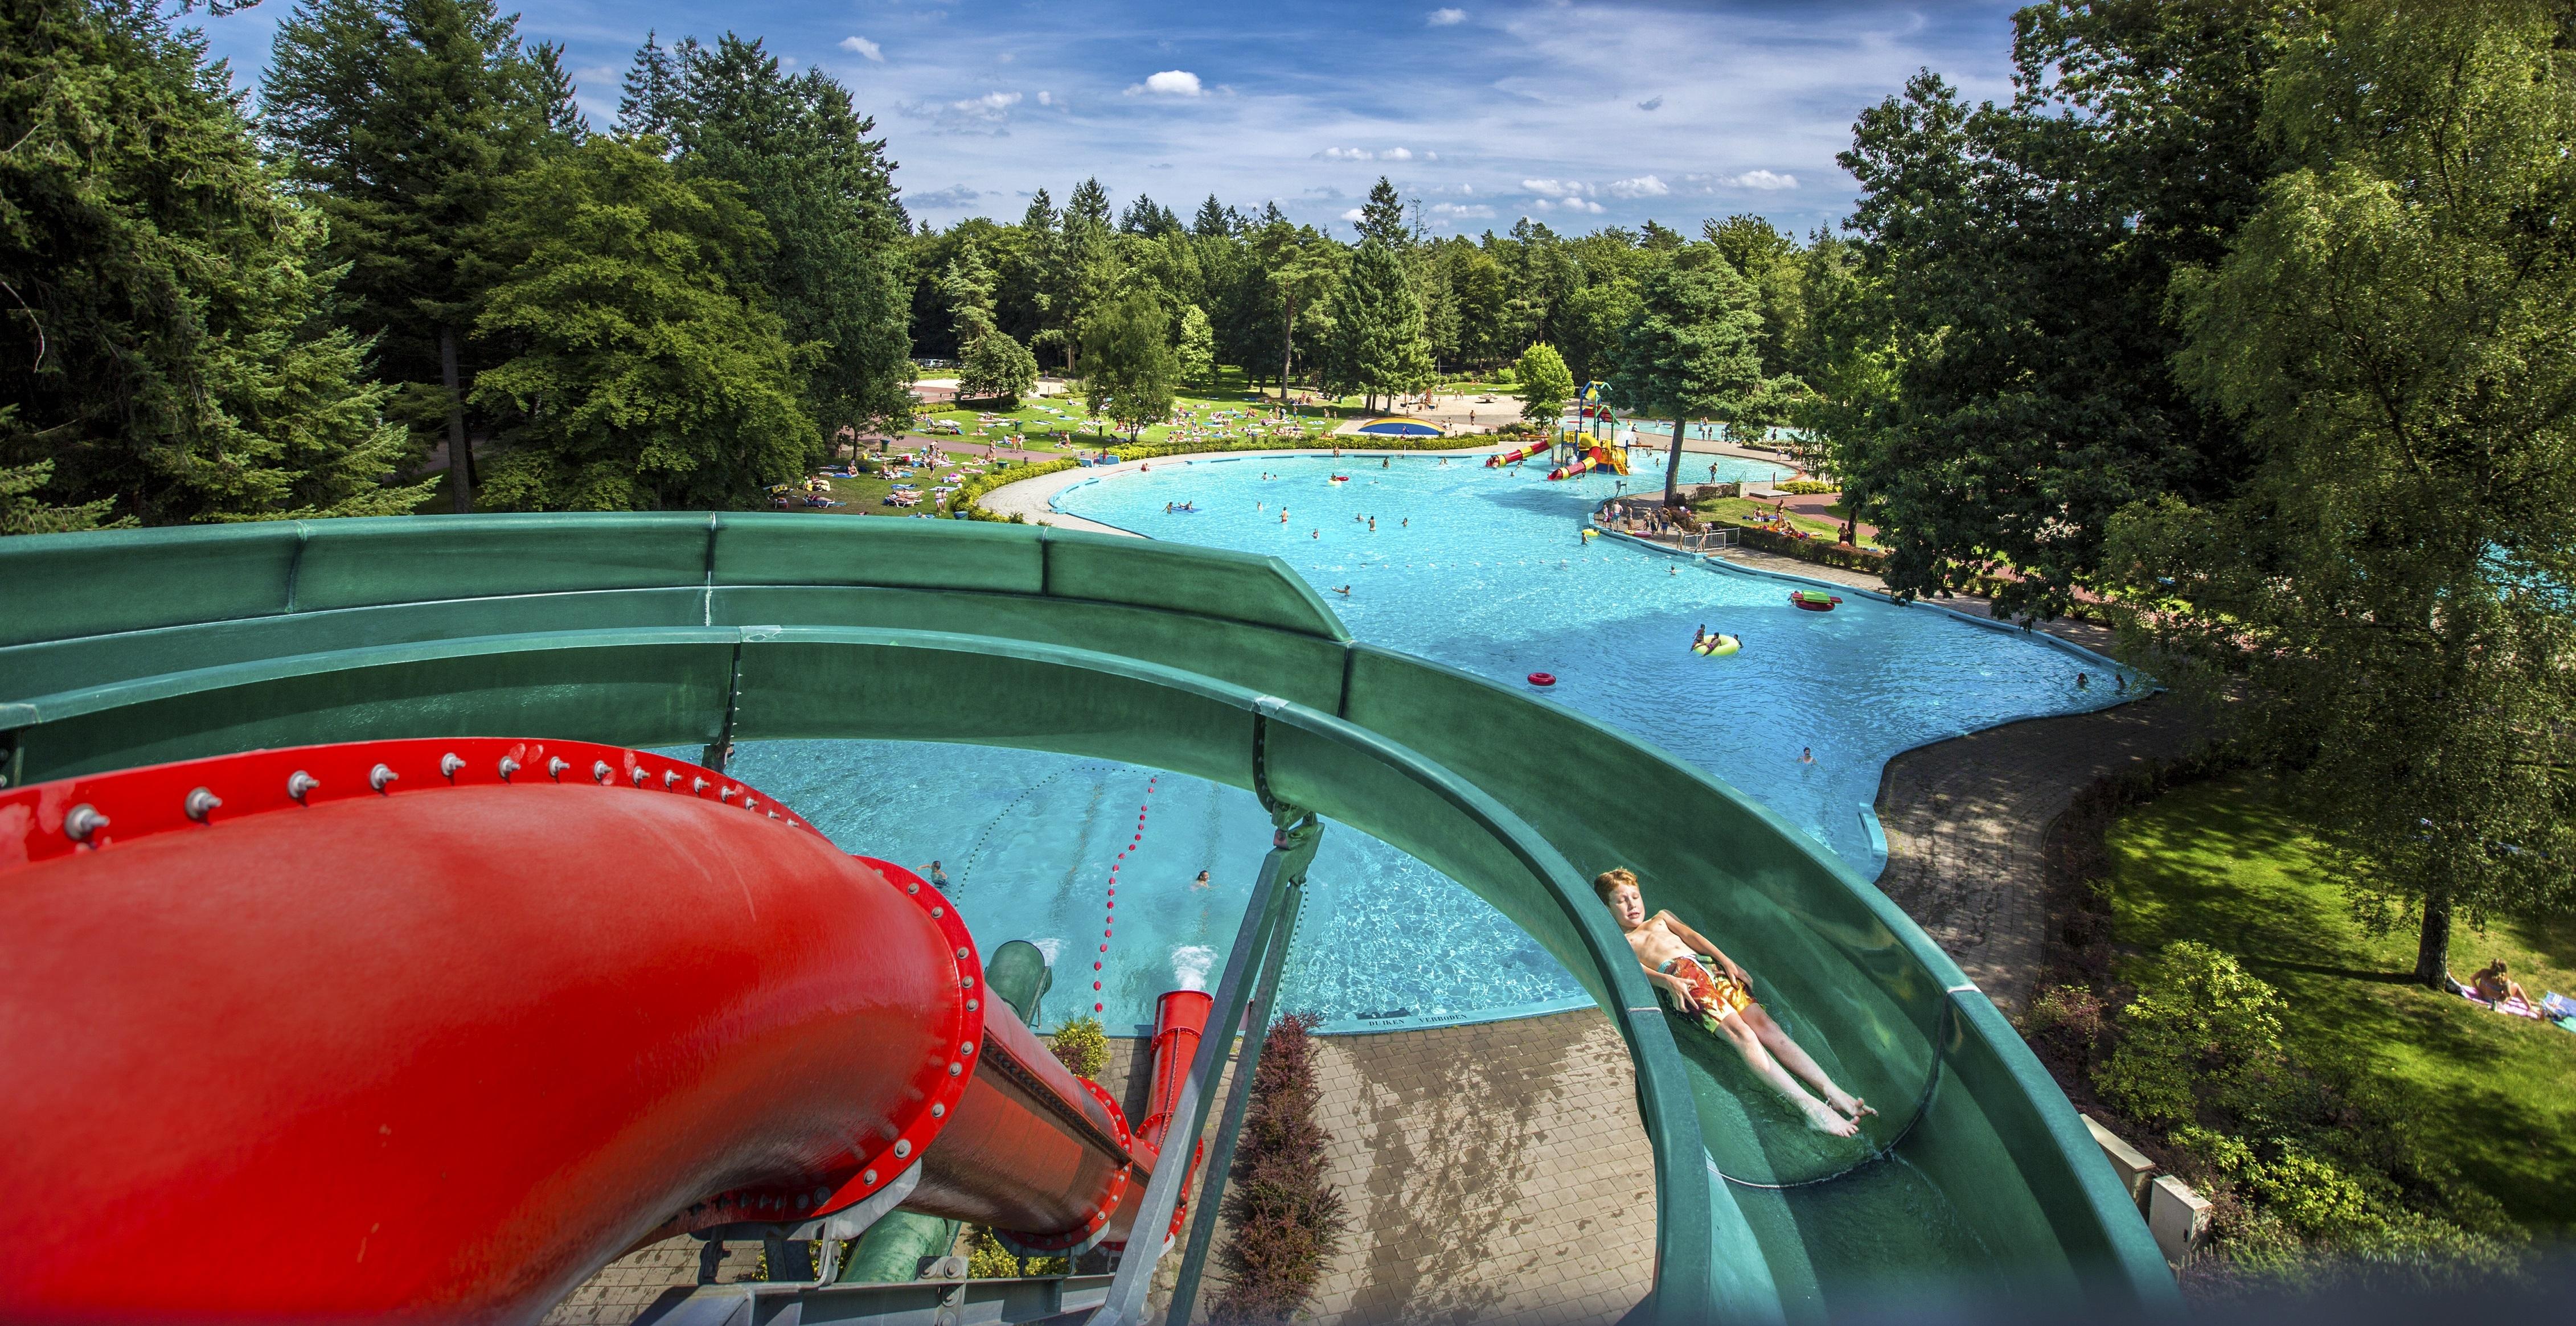 Vliegende start voor Openluchtbad Boschbad